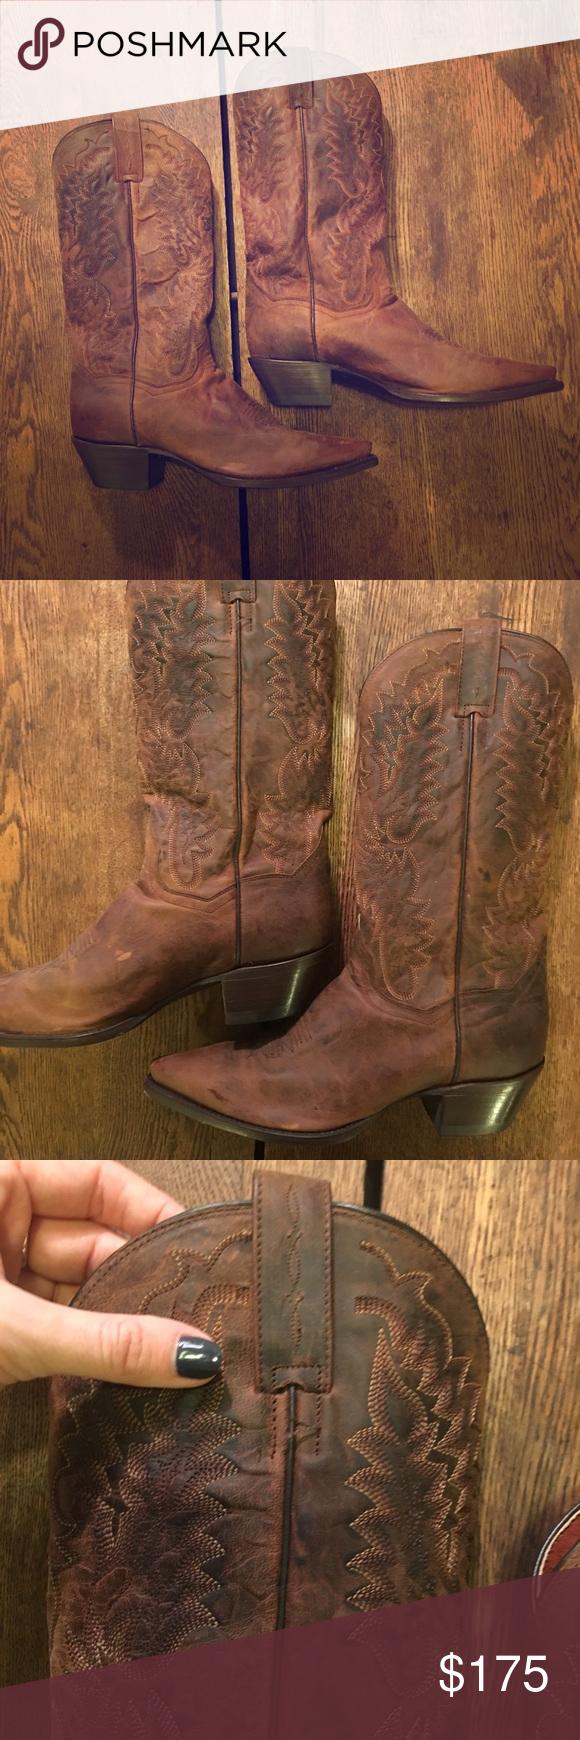 67e755f6c7f LIKE NEW Dan Post Cowboy Boots Genuine Leather Dan Post Cowboy Boots ...